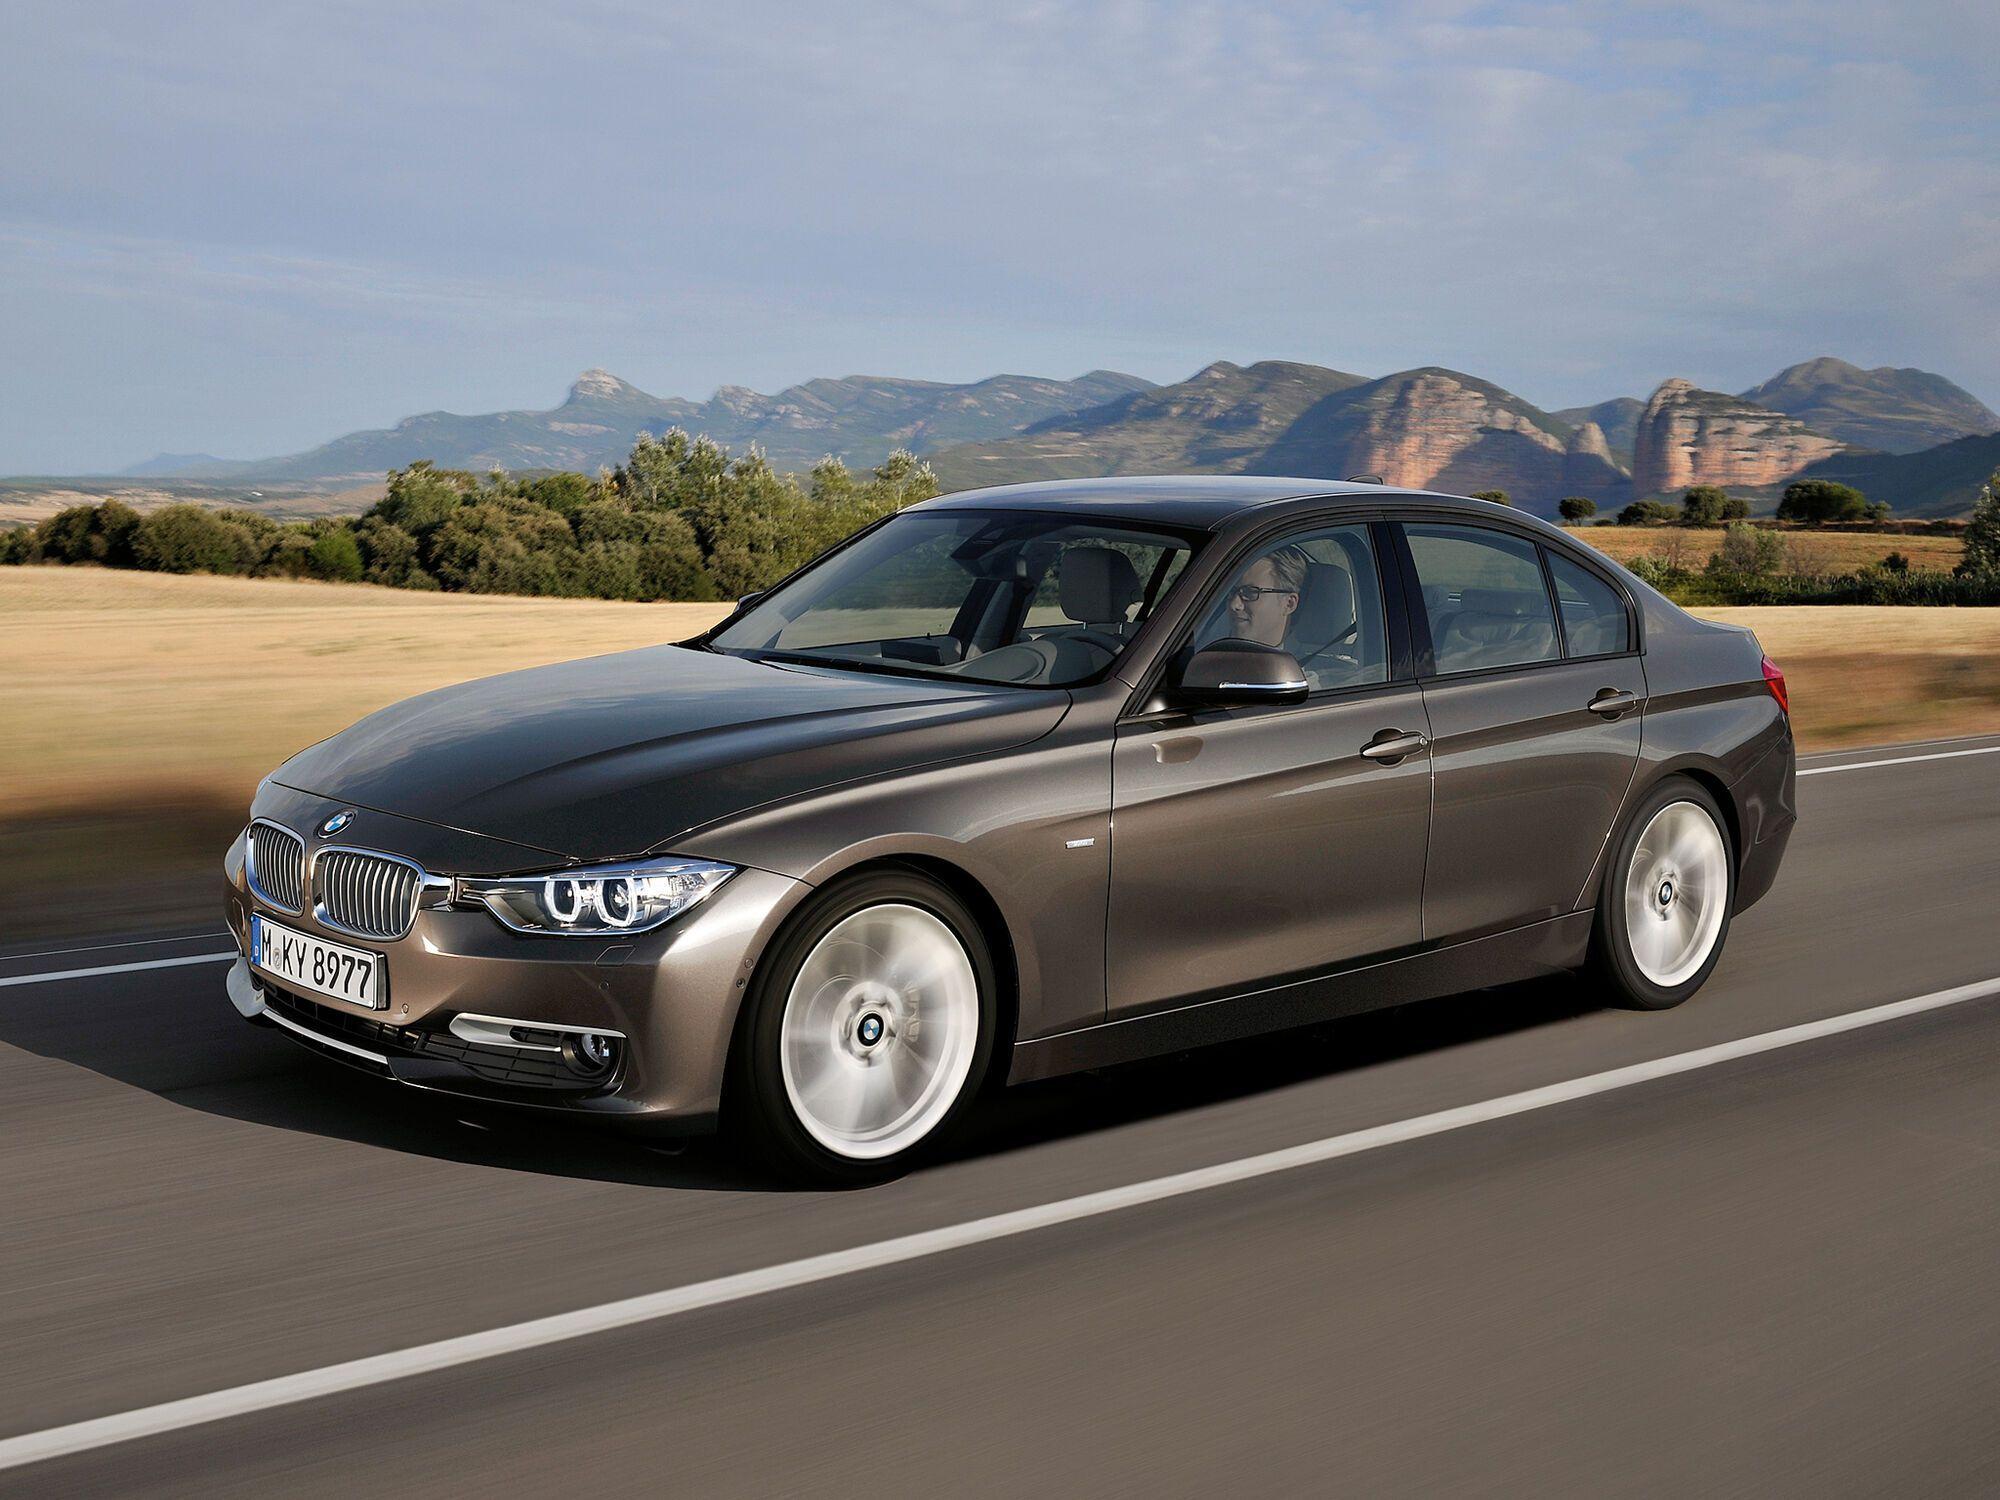 Единственный представитель премиум сегмента в рейтинге – BMW 3 Series